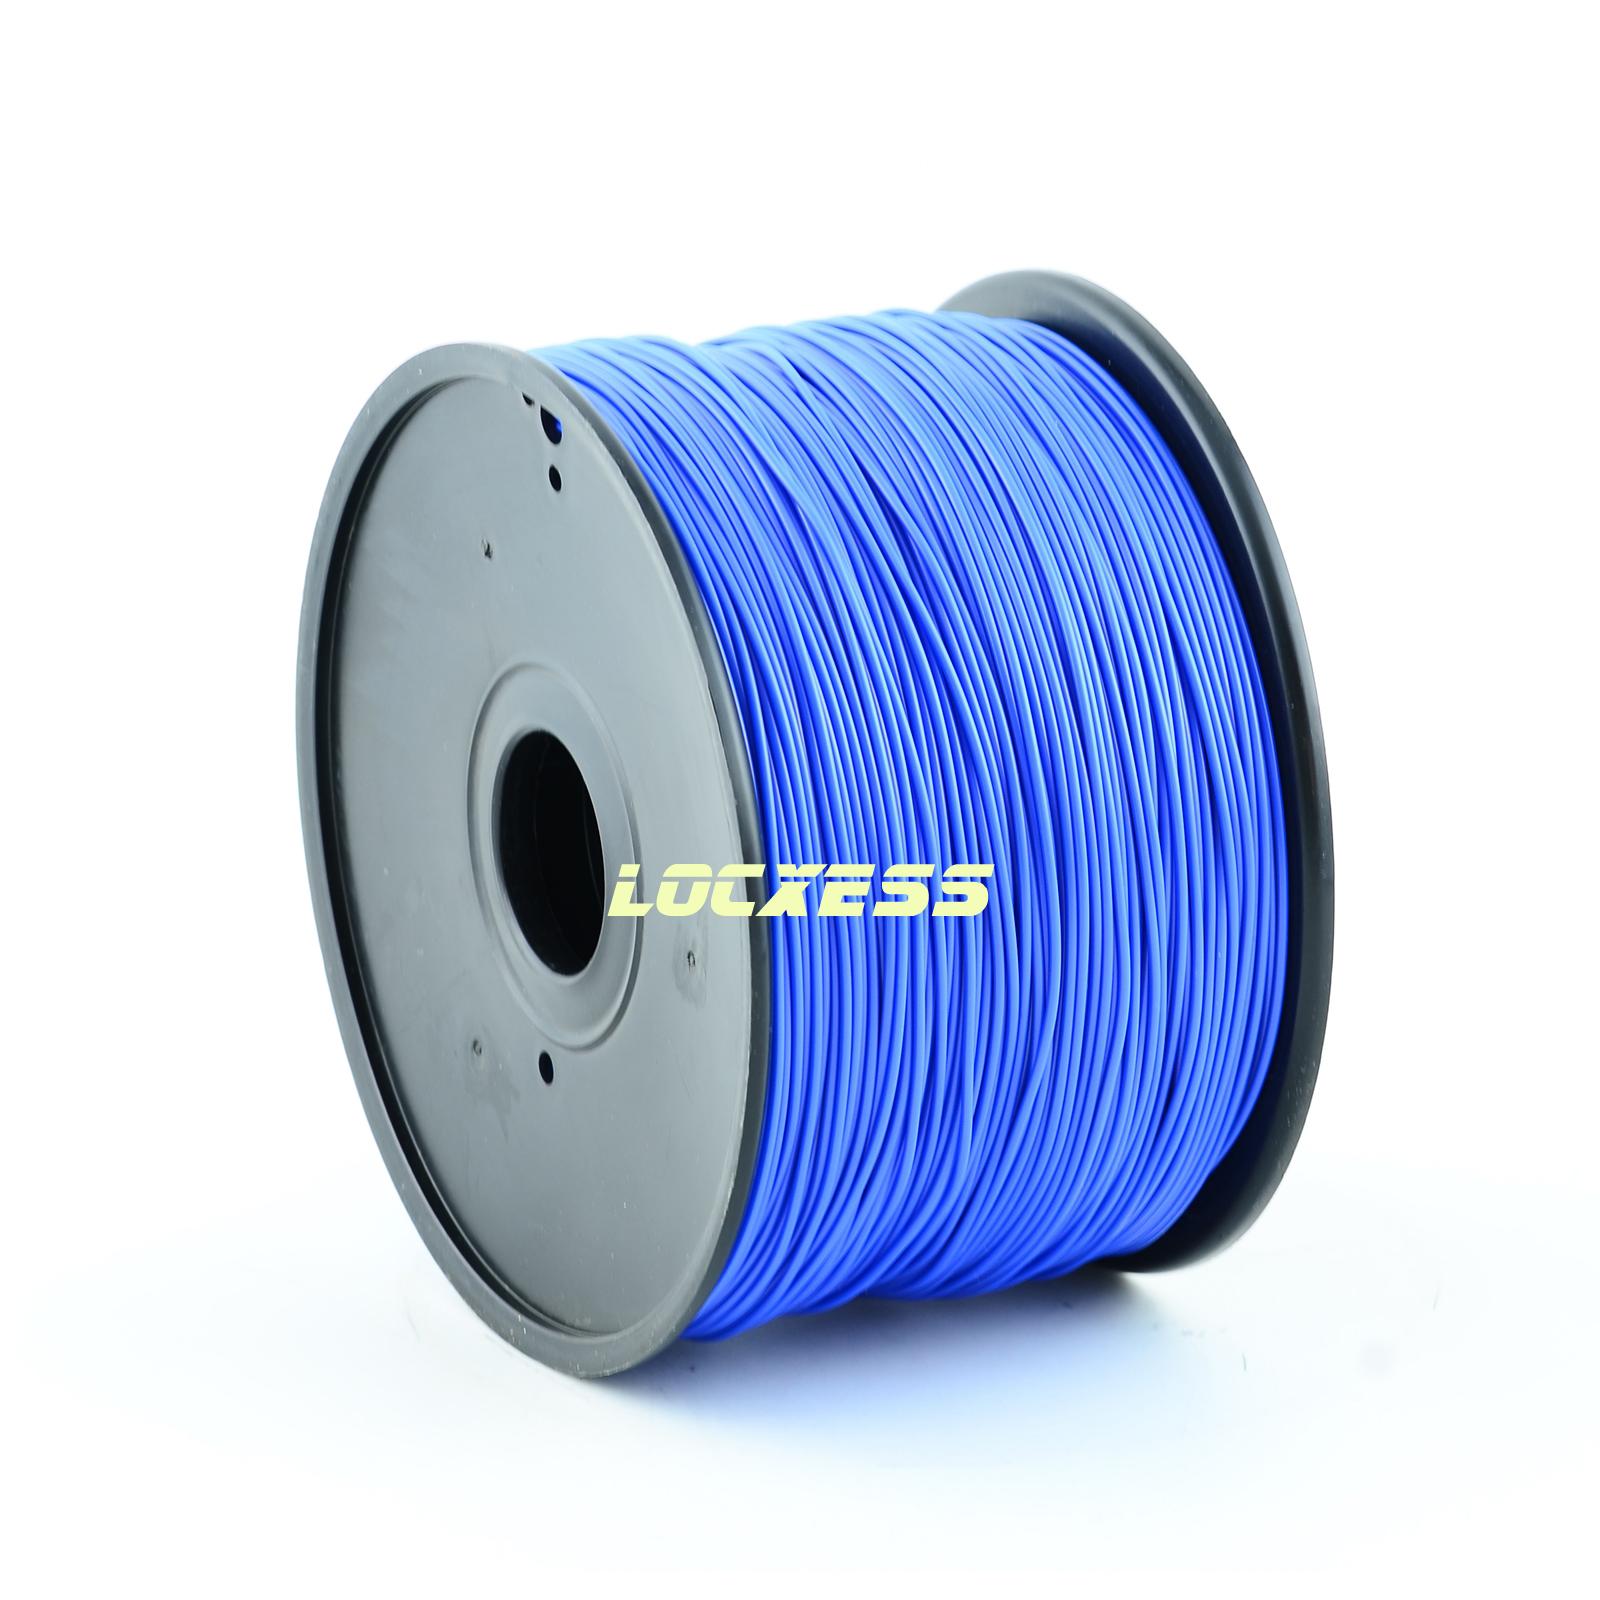 locxess trading pla filament 3 00 mm 1kg blau 3d drucker reprap prusa makerbot mendel. Black Bedroom Furniture Sets. Home Design Ideas